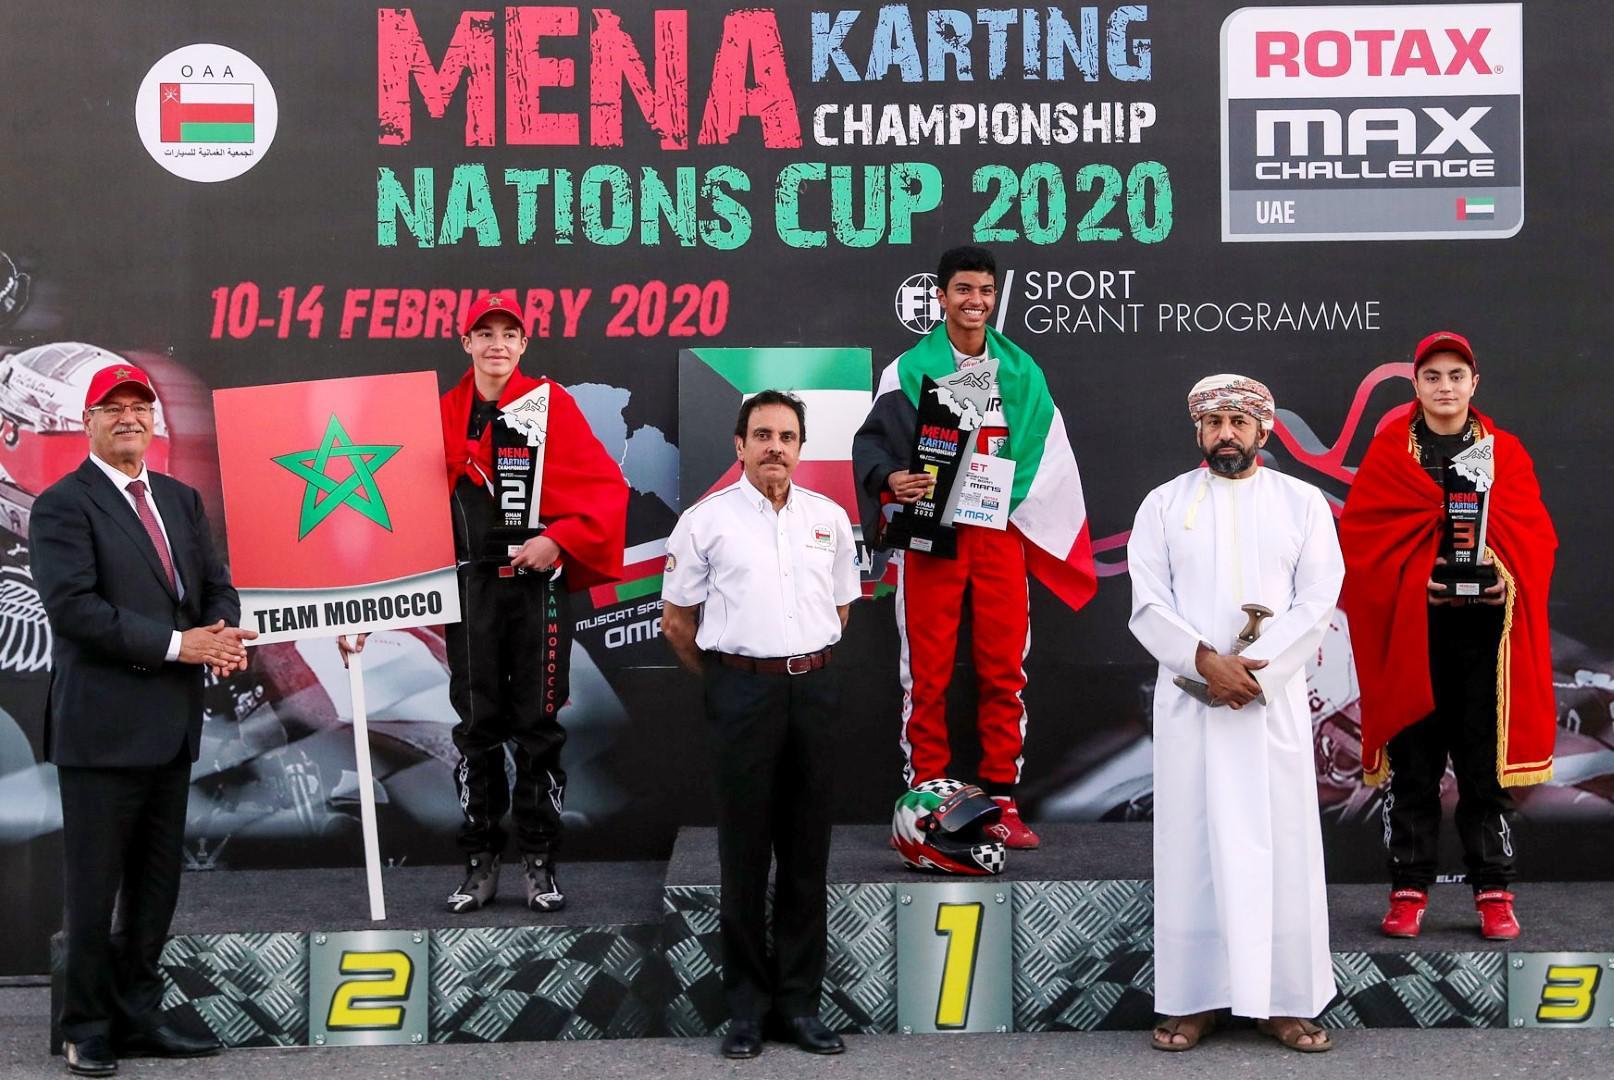 mena-karting-nations-cup-le-maroc-deuxieme-1195-1.jpg